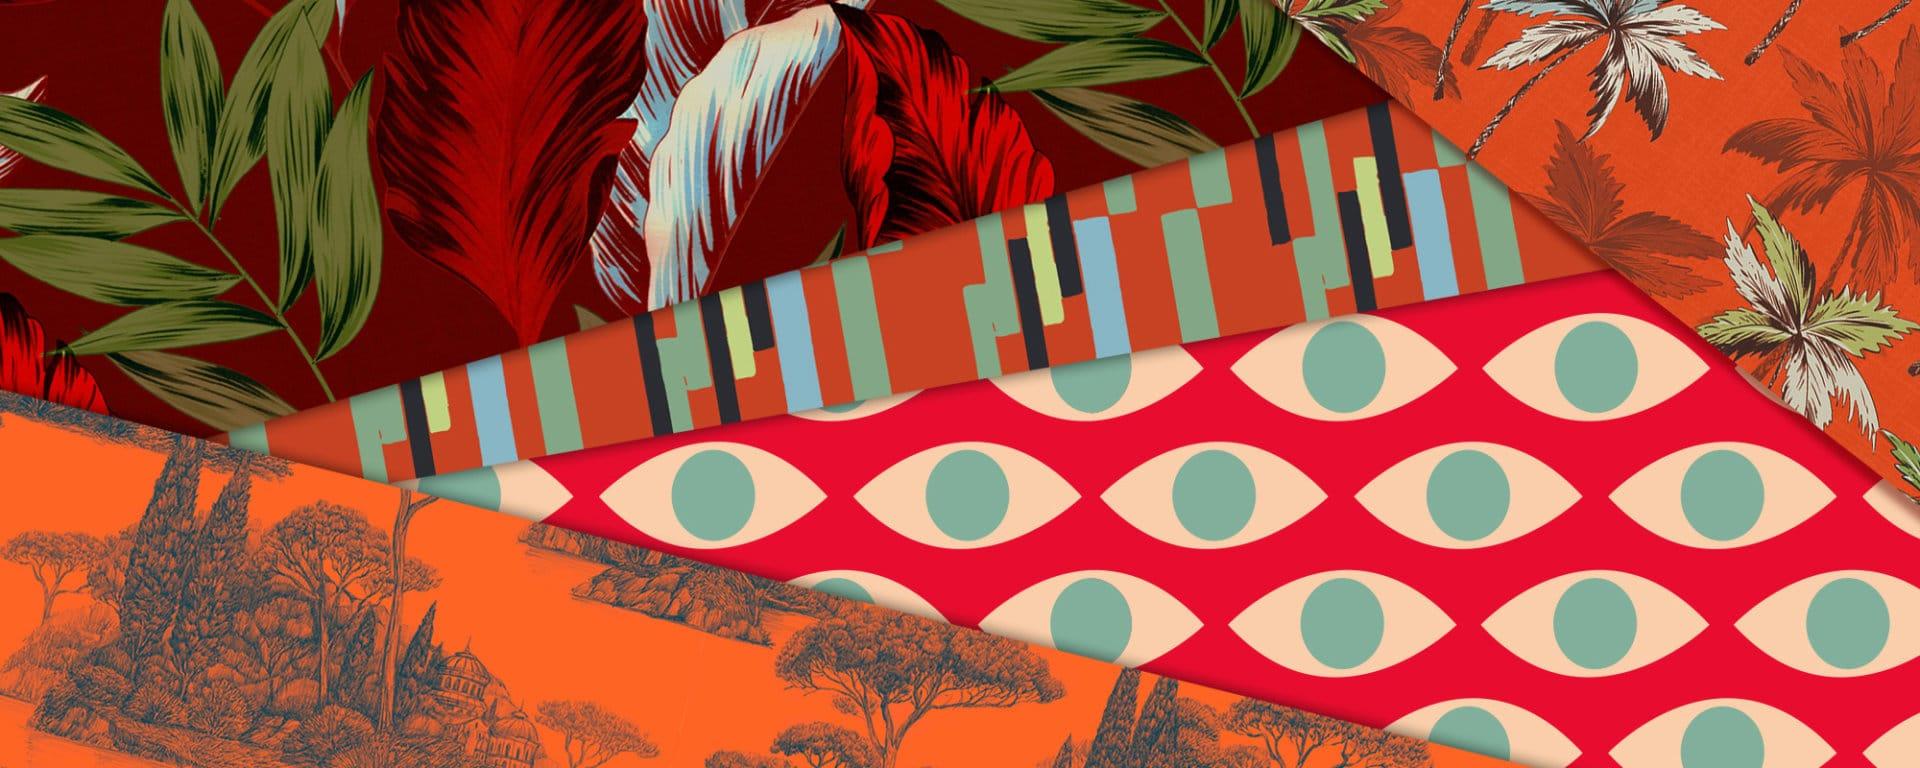 Papiers Peints Le presse papier Lyon Wallpaper